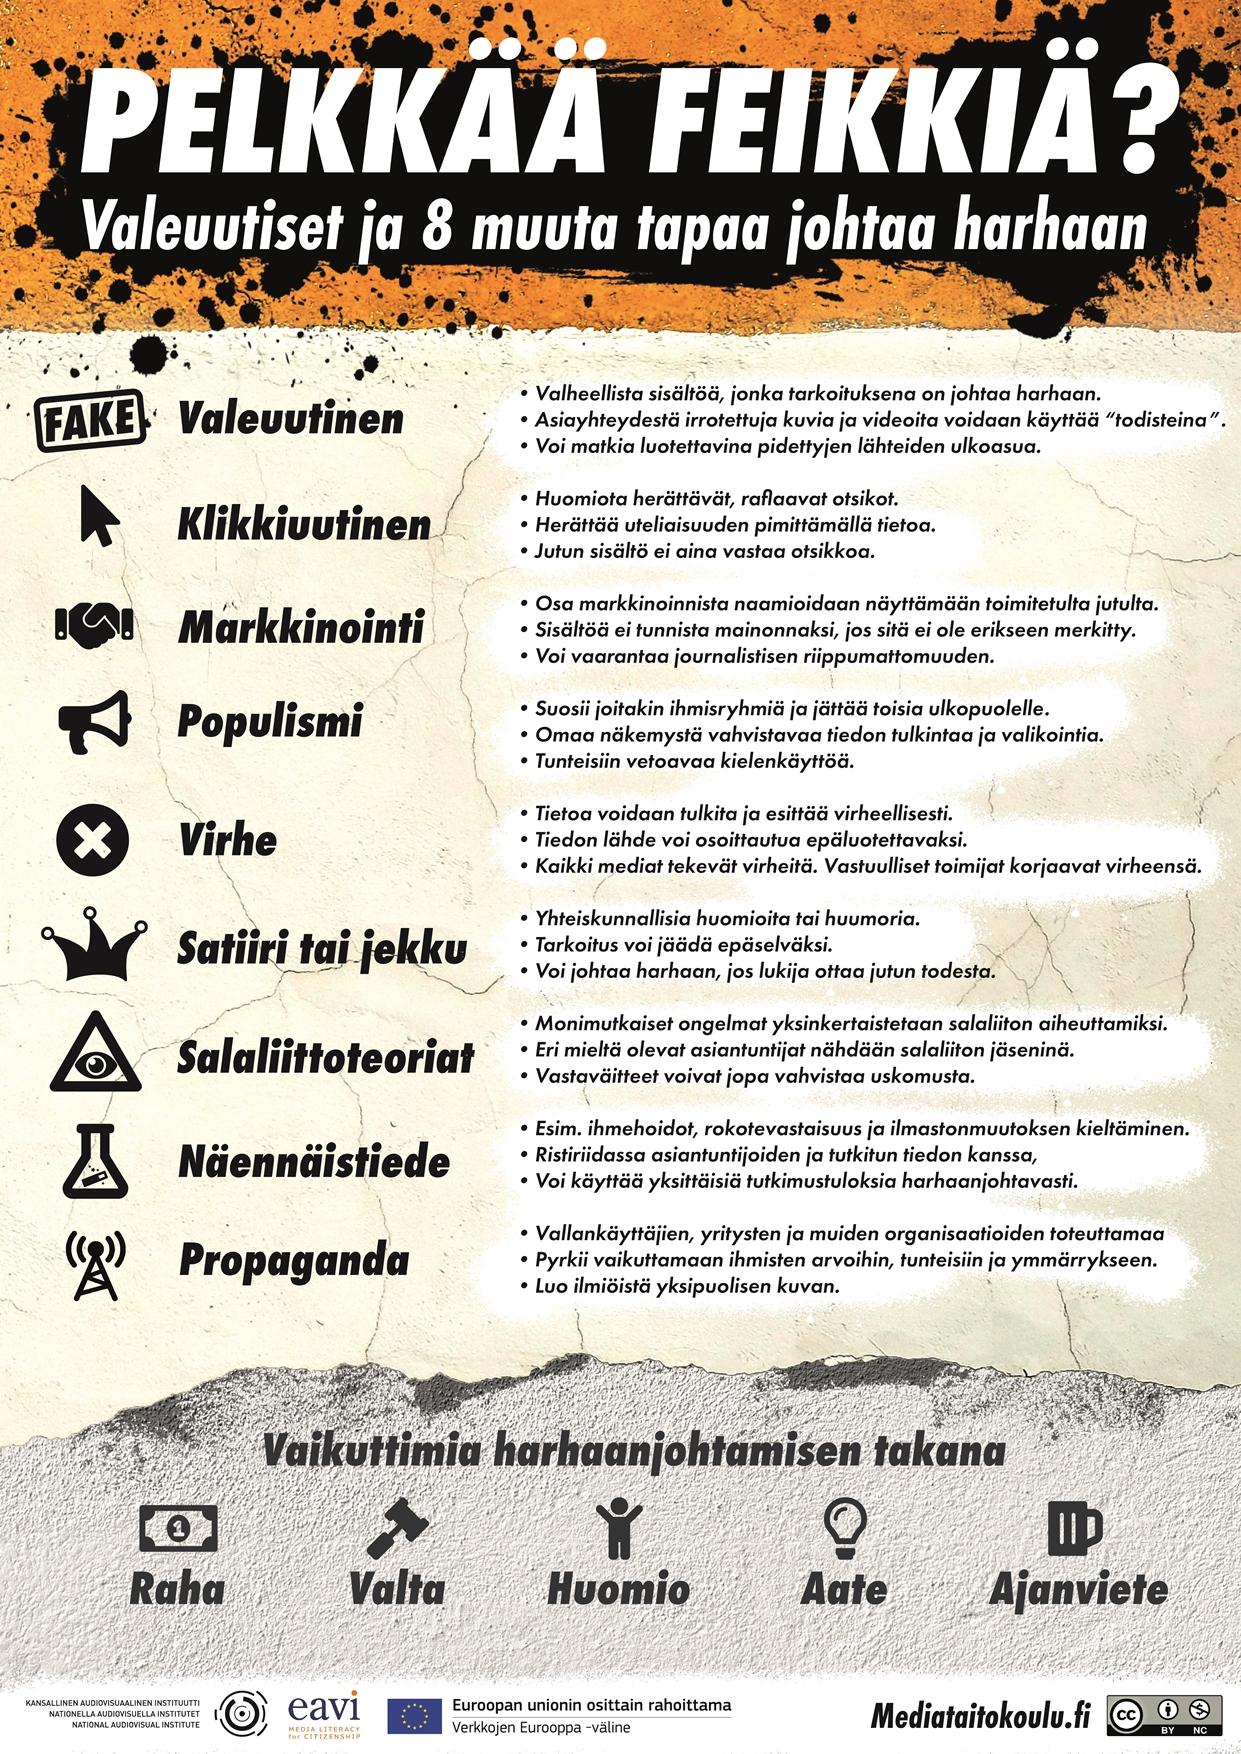 Pelkkää feikkiä - juliste